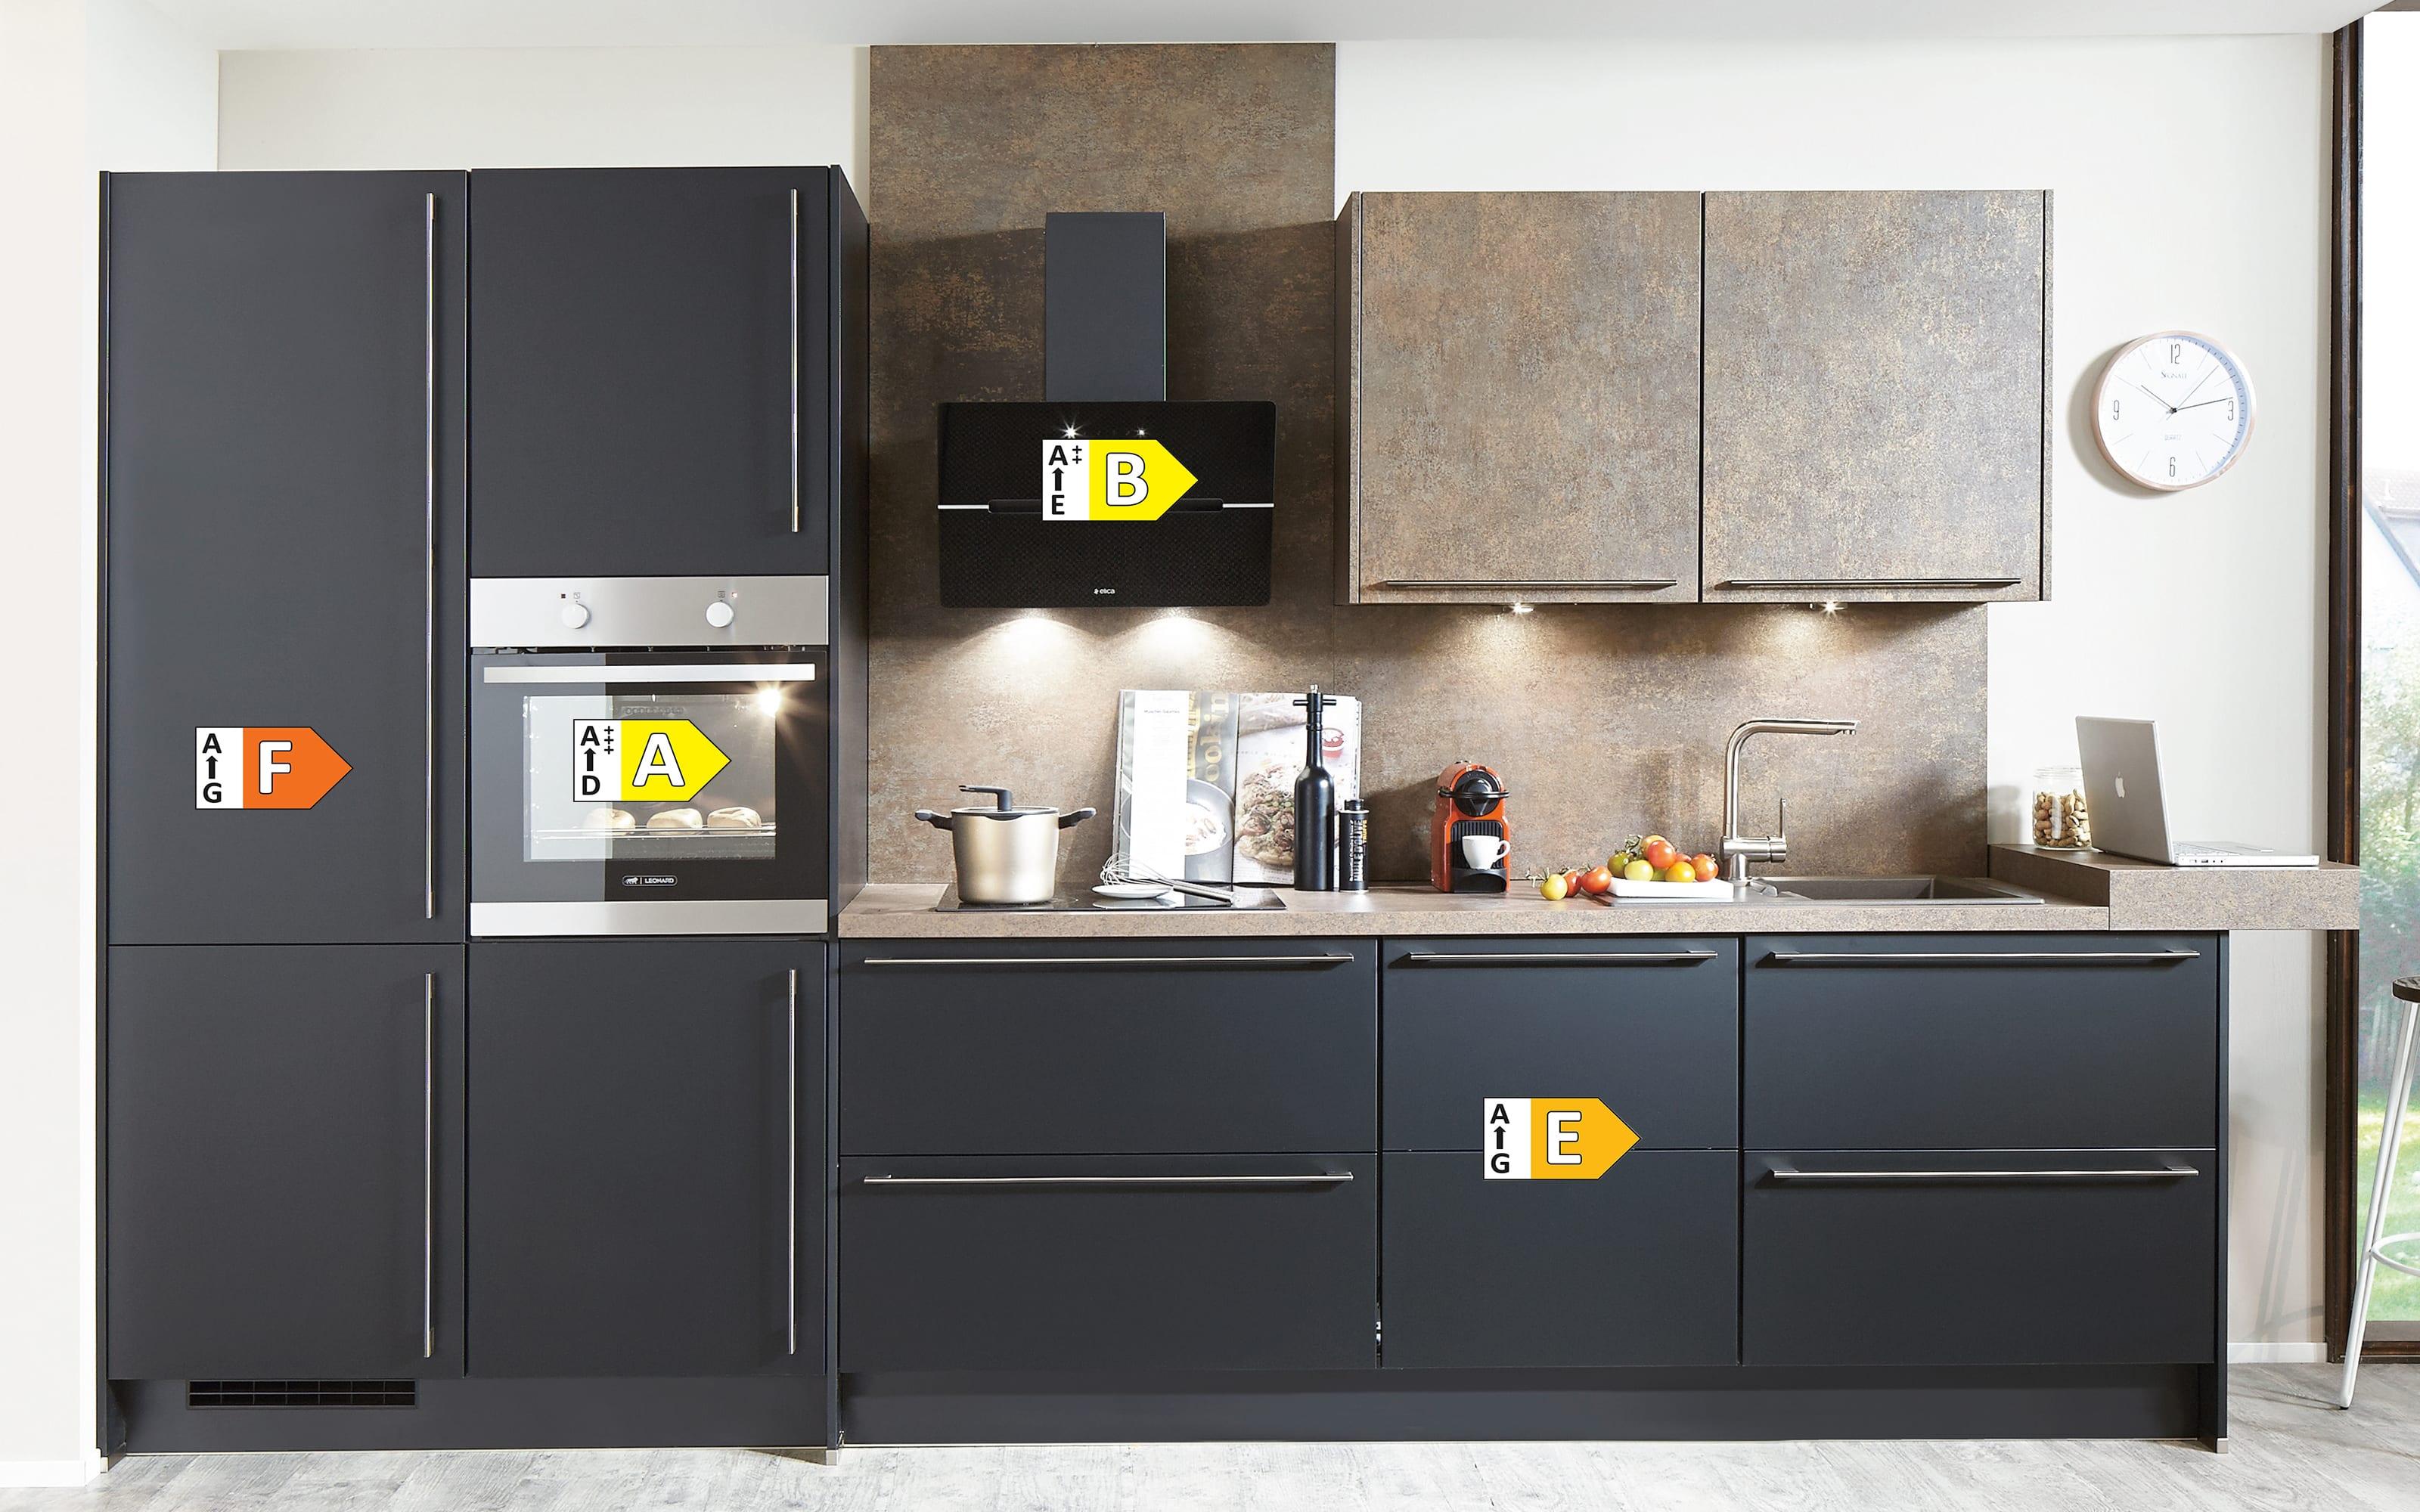 Einbauküche Touch, Lacklaminat supermatt schwarz, inklusive Elektrogeräte